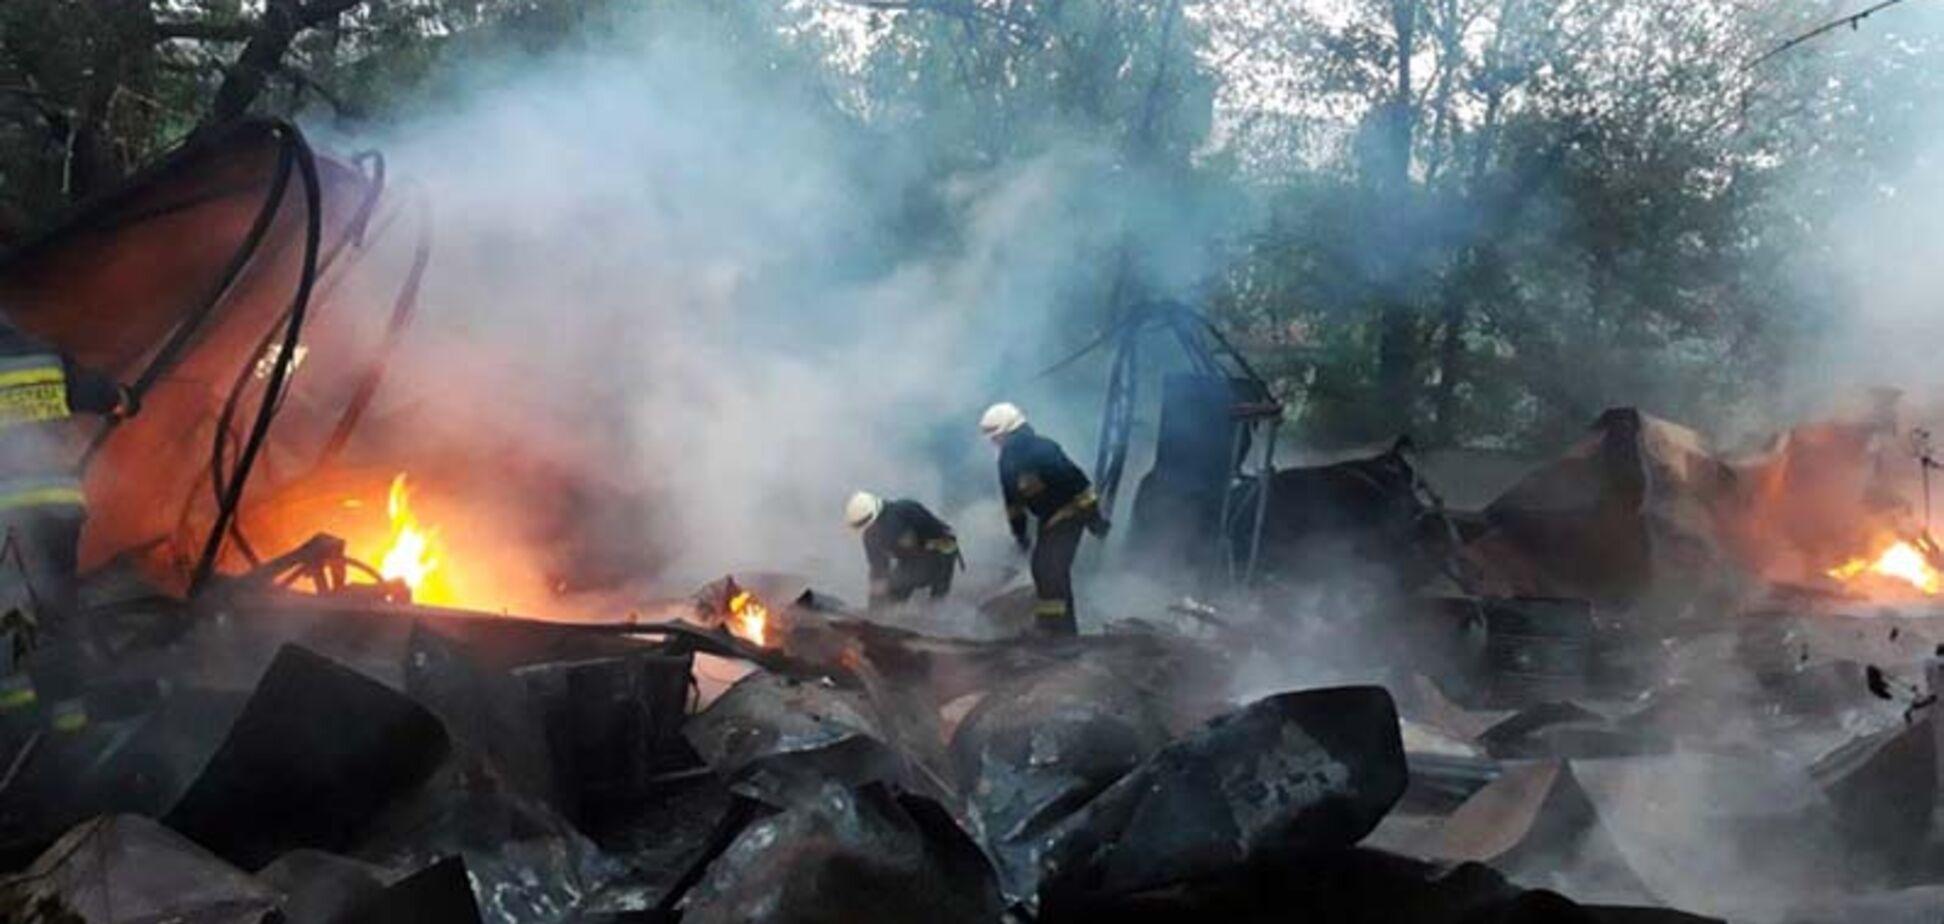 У Дніпрі згорів дотла склад сортування вторсировини: підозрюють підпал. Фото